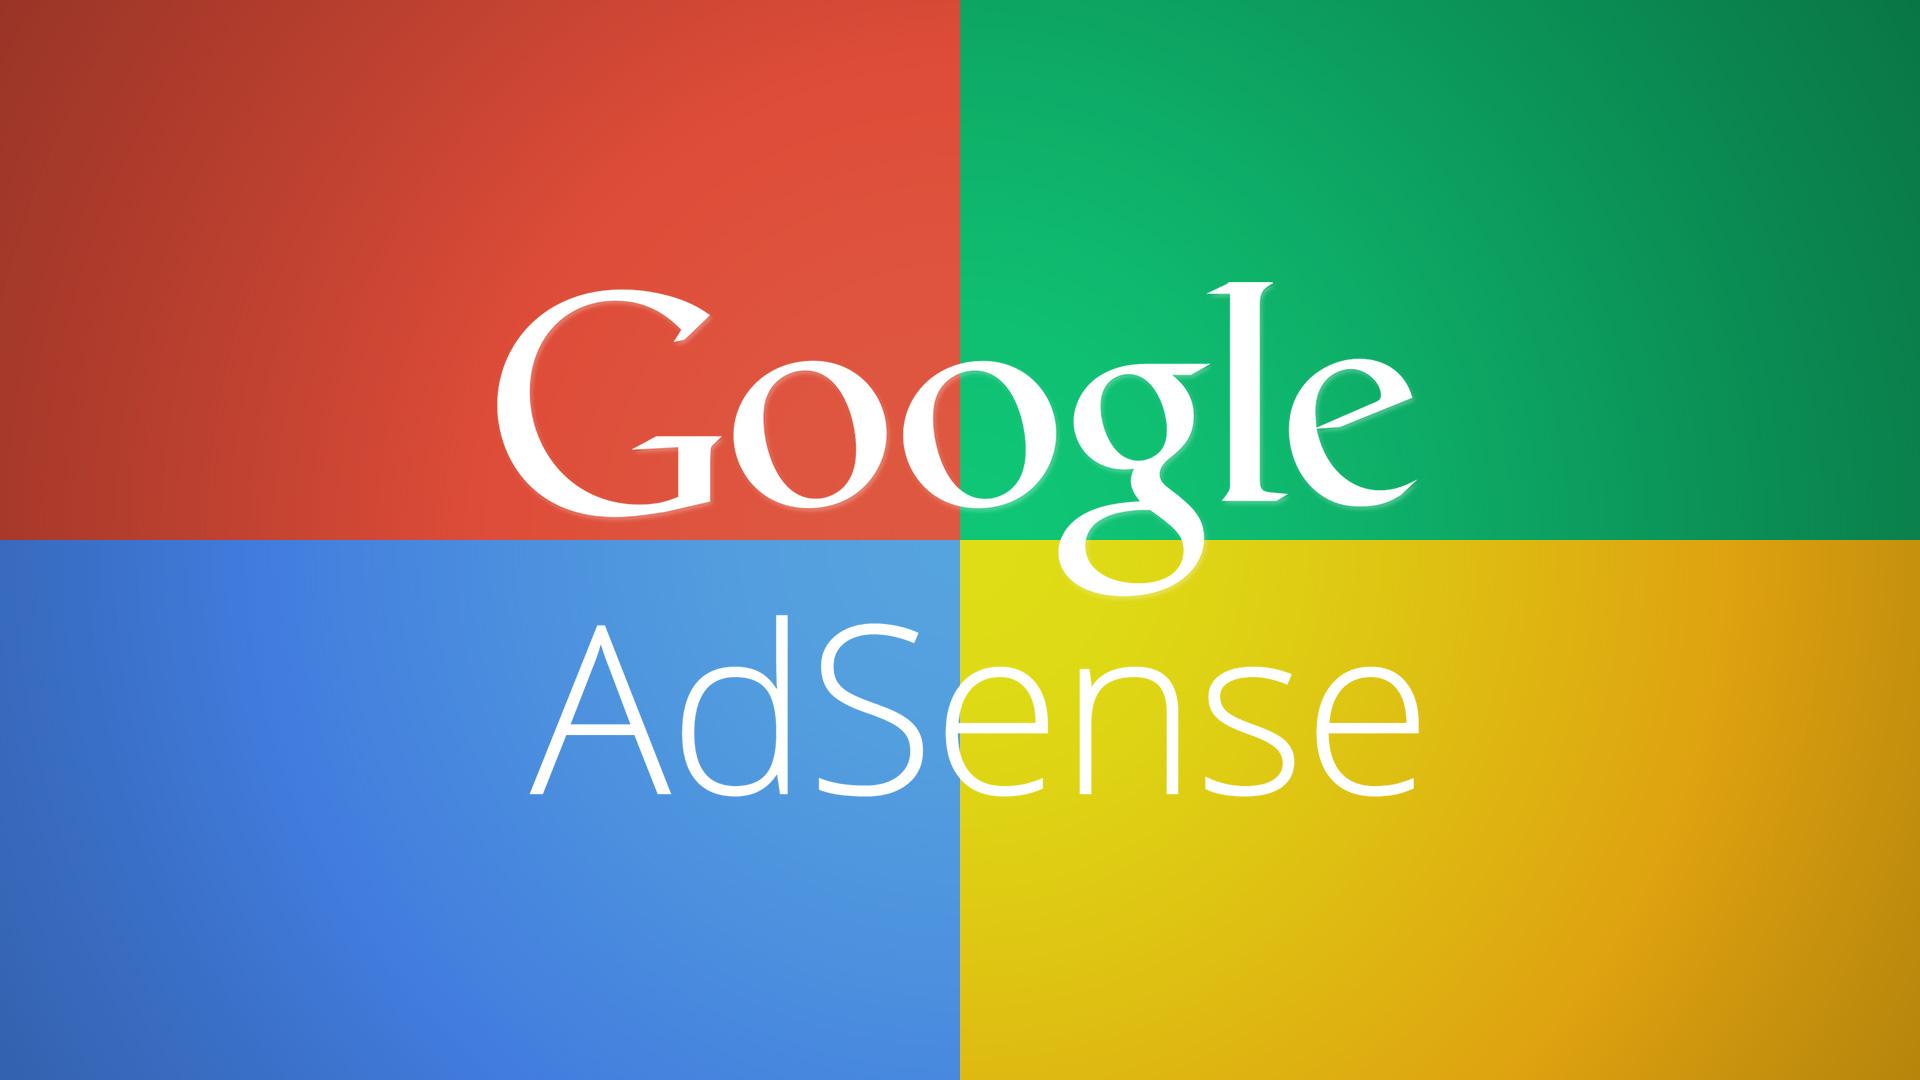 Google AdSense Rehberi- Adsense Hakkında Her Şey